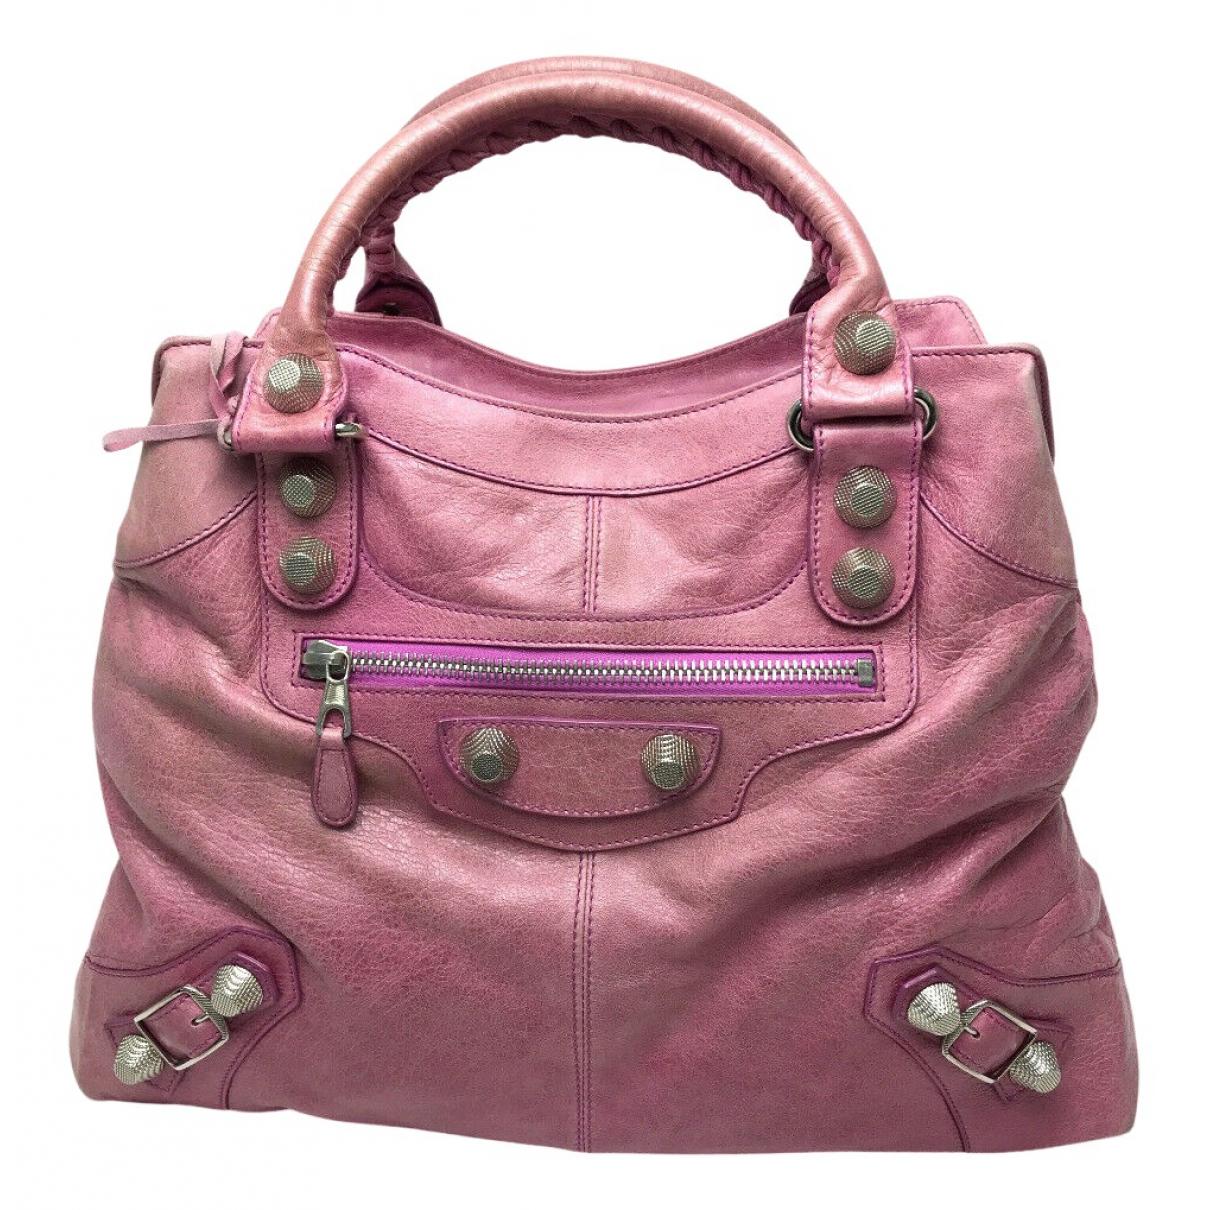 Balenciaga - Sac a main   pour femme en cuir - rose